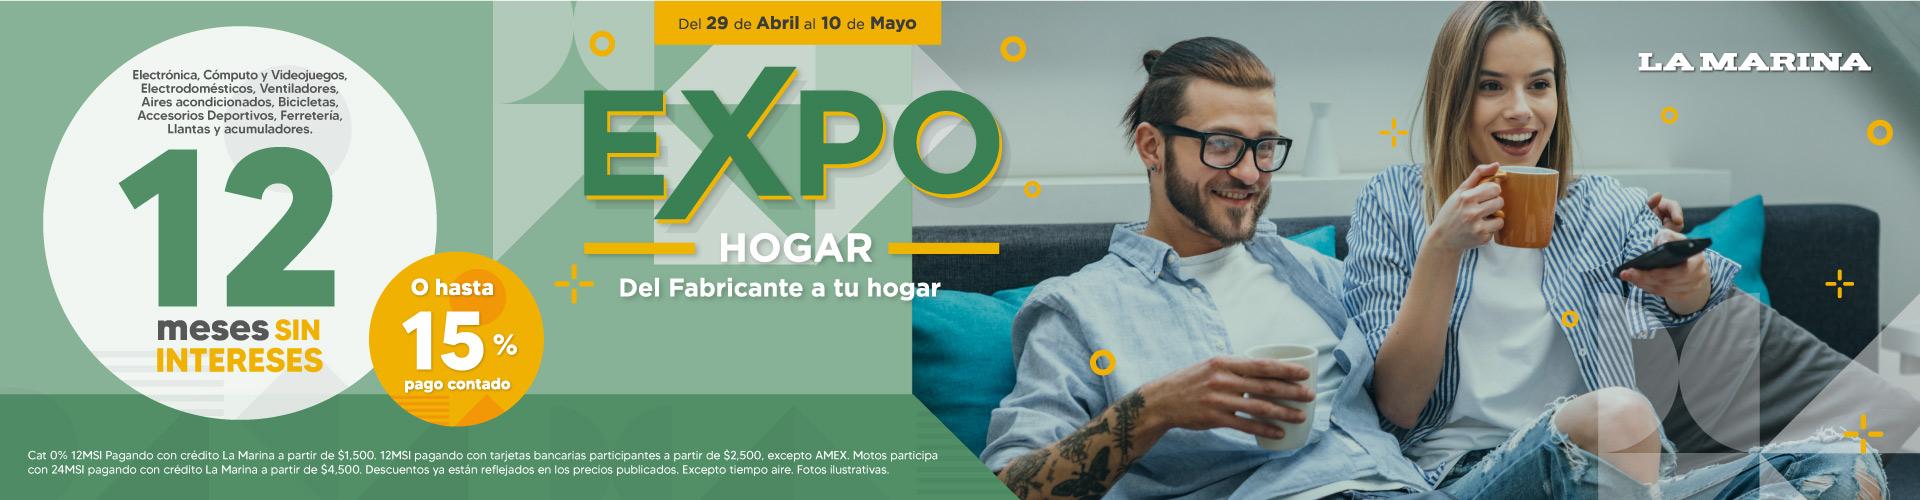 Expo Hogar 12 msi